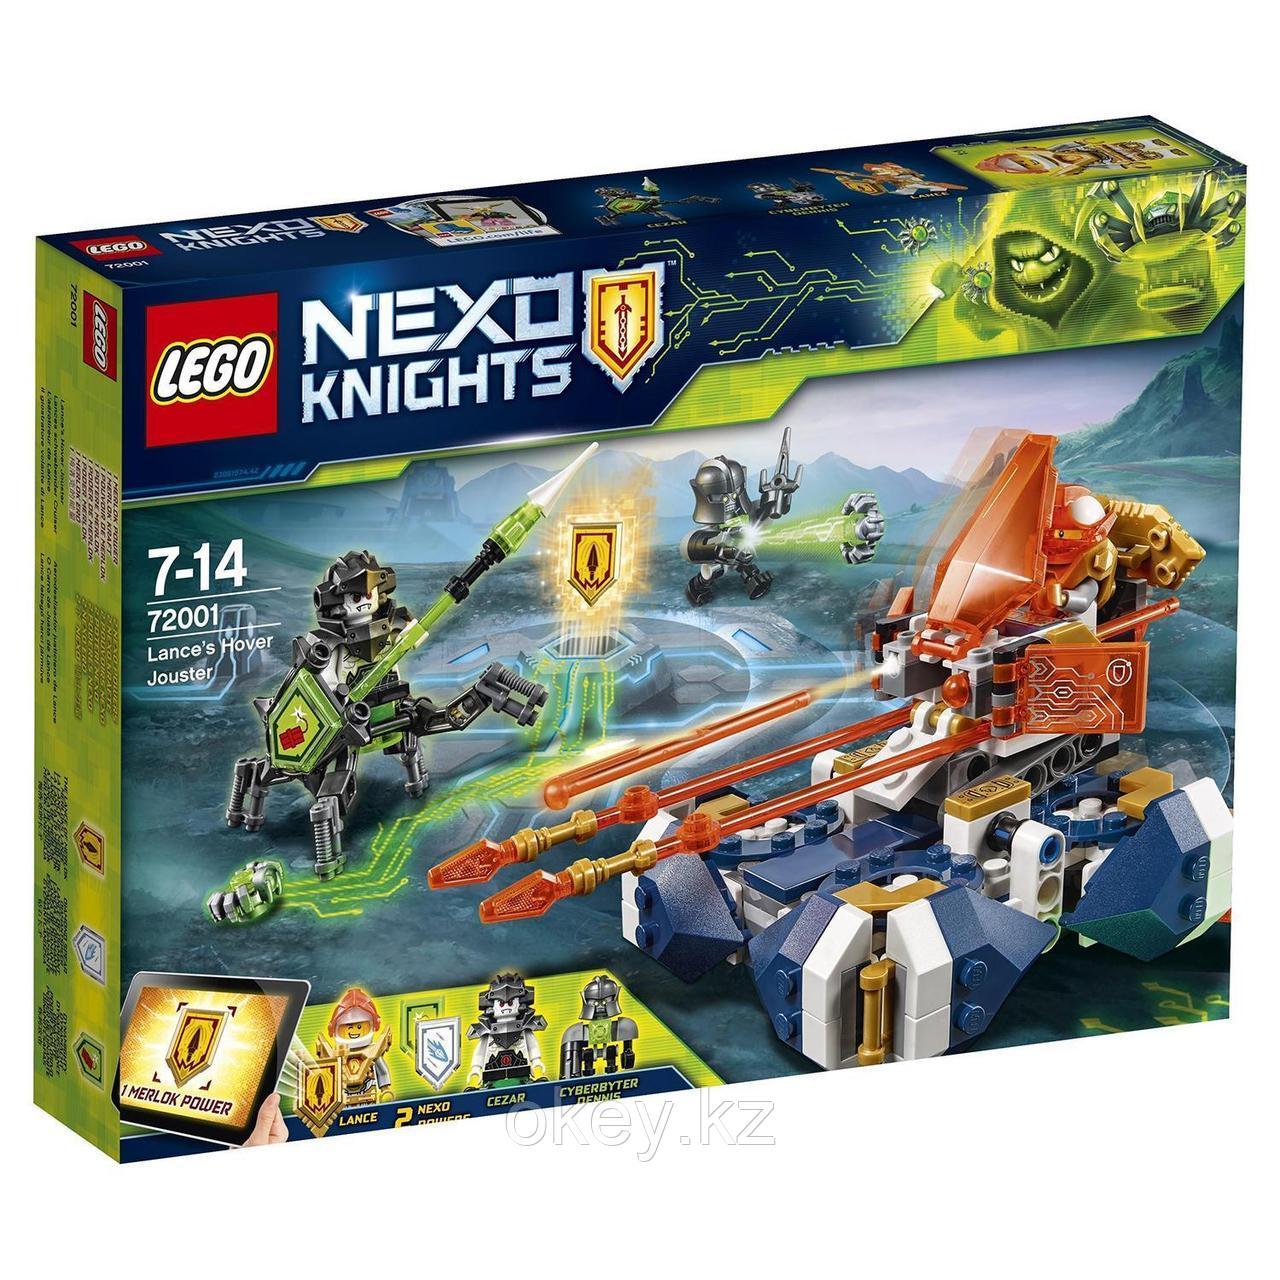 LEGO Nexo Knights: Летающая турнирная машина Ланса 72001